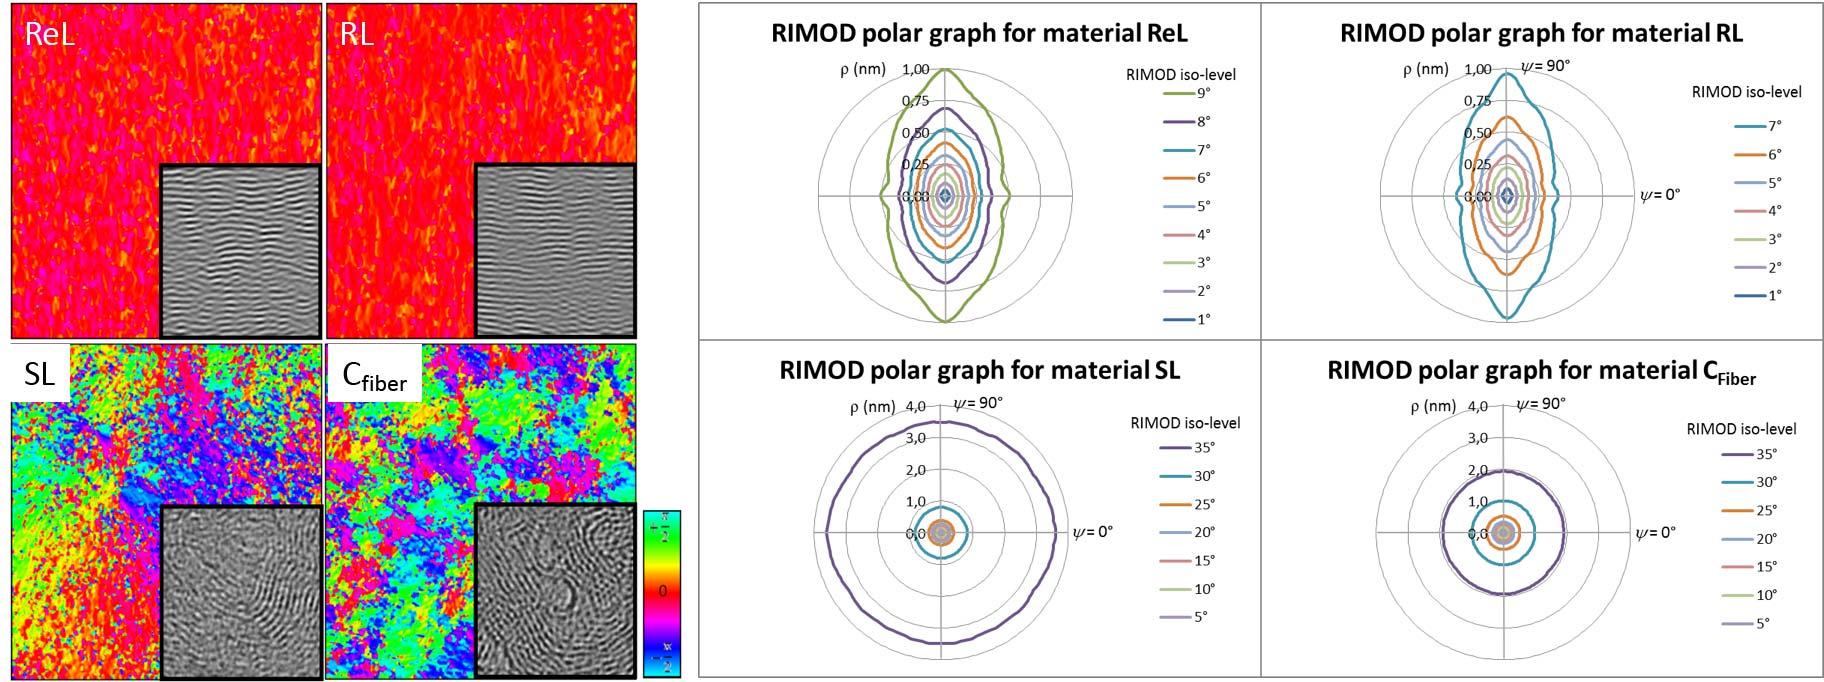 Figure 2.II.5 – Analyse d'orientations de l'anisotropie dans des clichés HRTEM de quatre carbones différents: Laminaire Régénéré (ReL), Laminaire Rugueux (RL), Laminaire Lisse (SL) et fibre de carbone ex-PAN. A gauche, cartographies d'orientations. A droite, graphiques polaires d'angles de corrélation spatiale [DaC15].